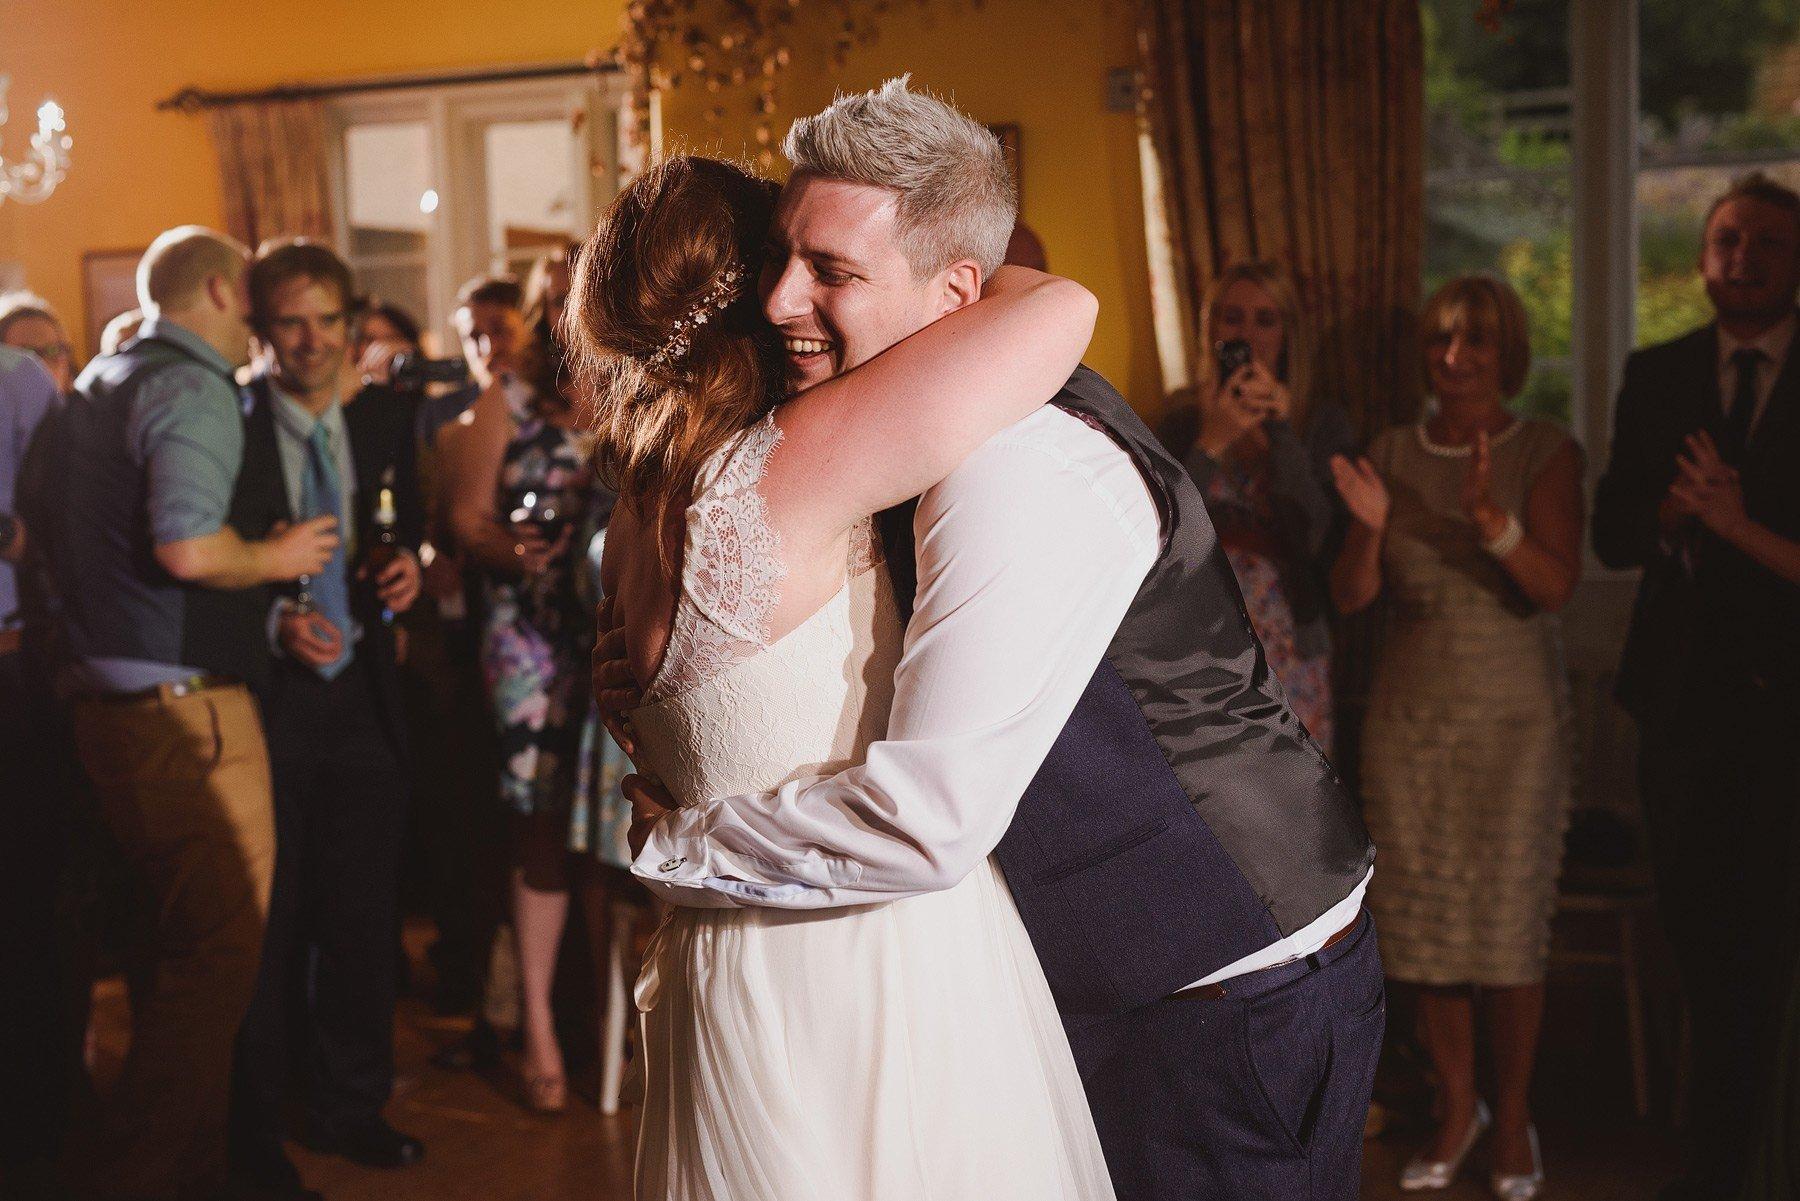 hug during first dance at huntstile